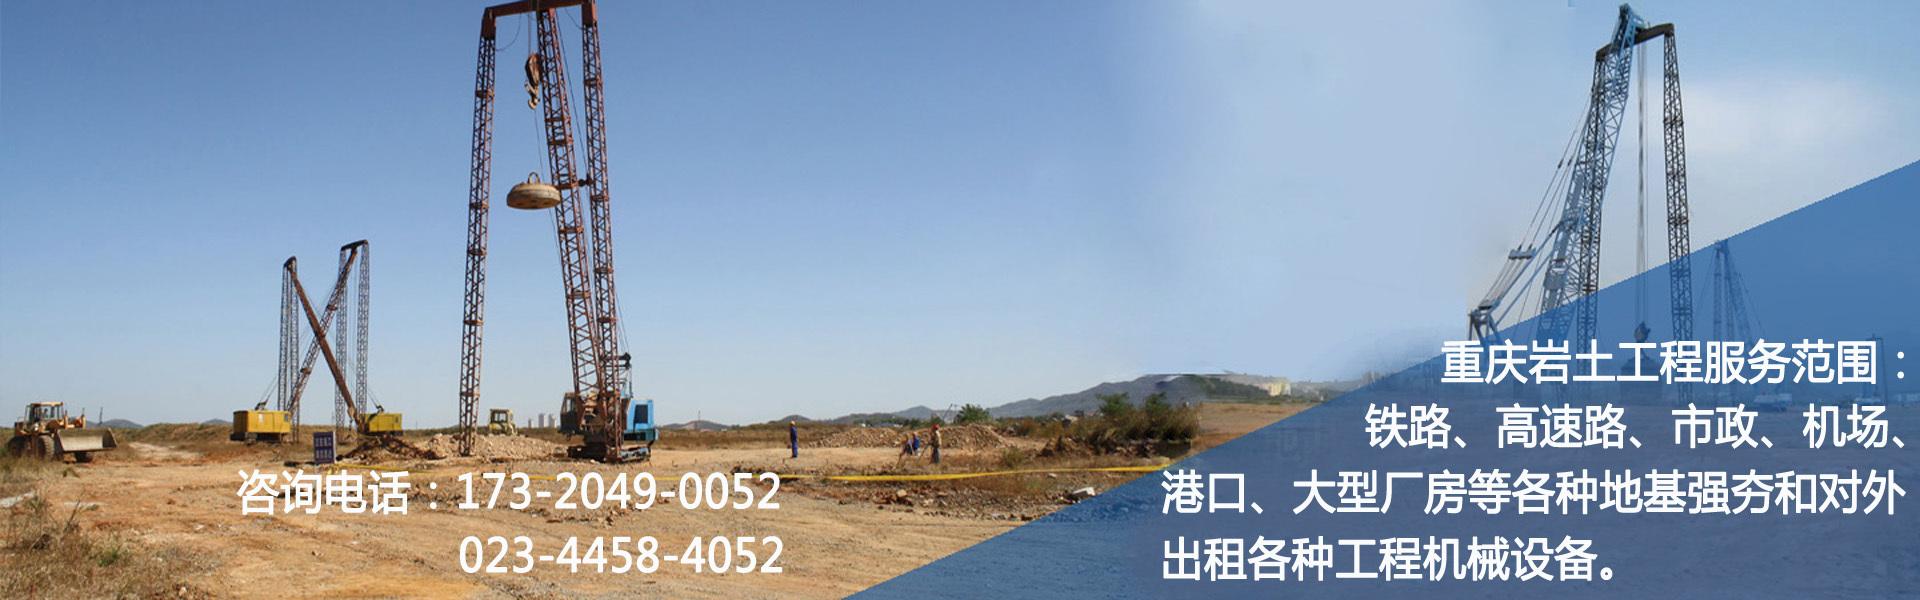 重庆岩土工程服务范围:铁路、高速路、市政、机场、港口、大型厂房等各种地基强夯和对外出租各种工程机械设备。